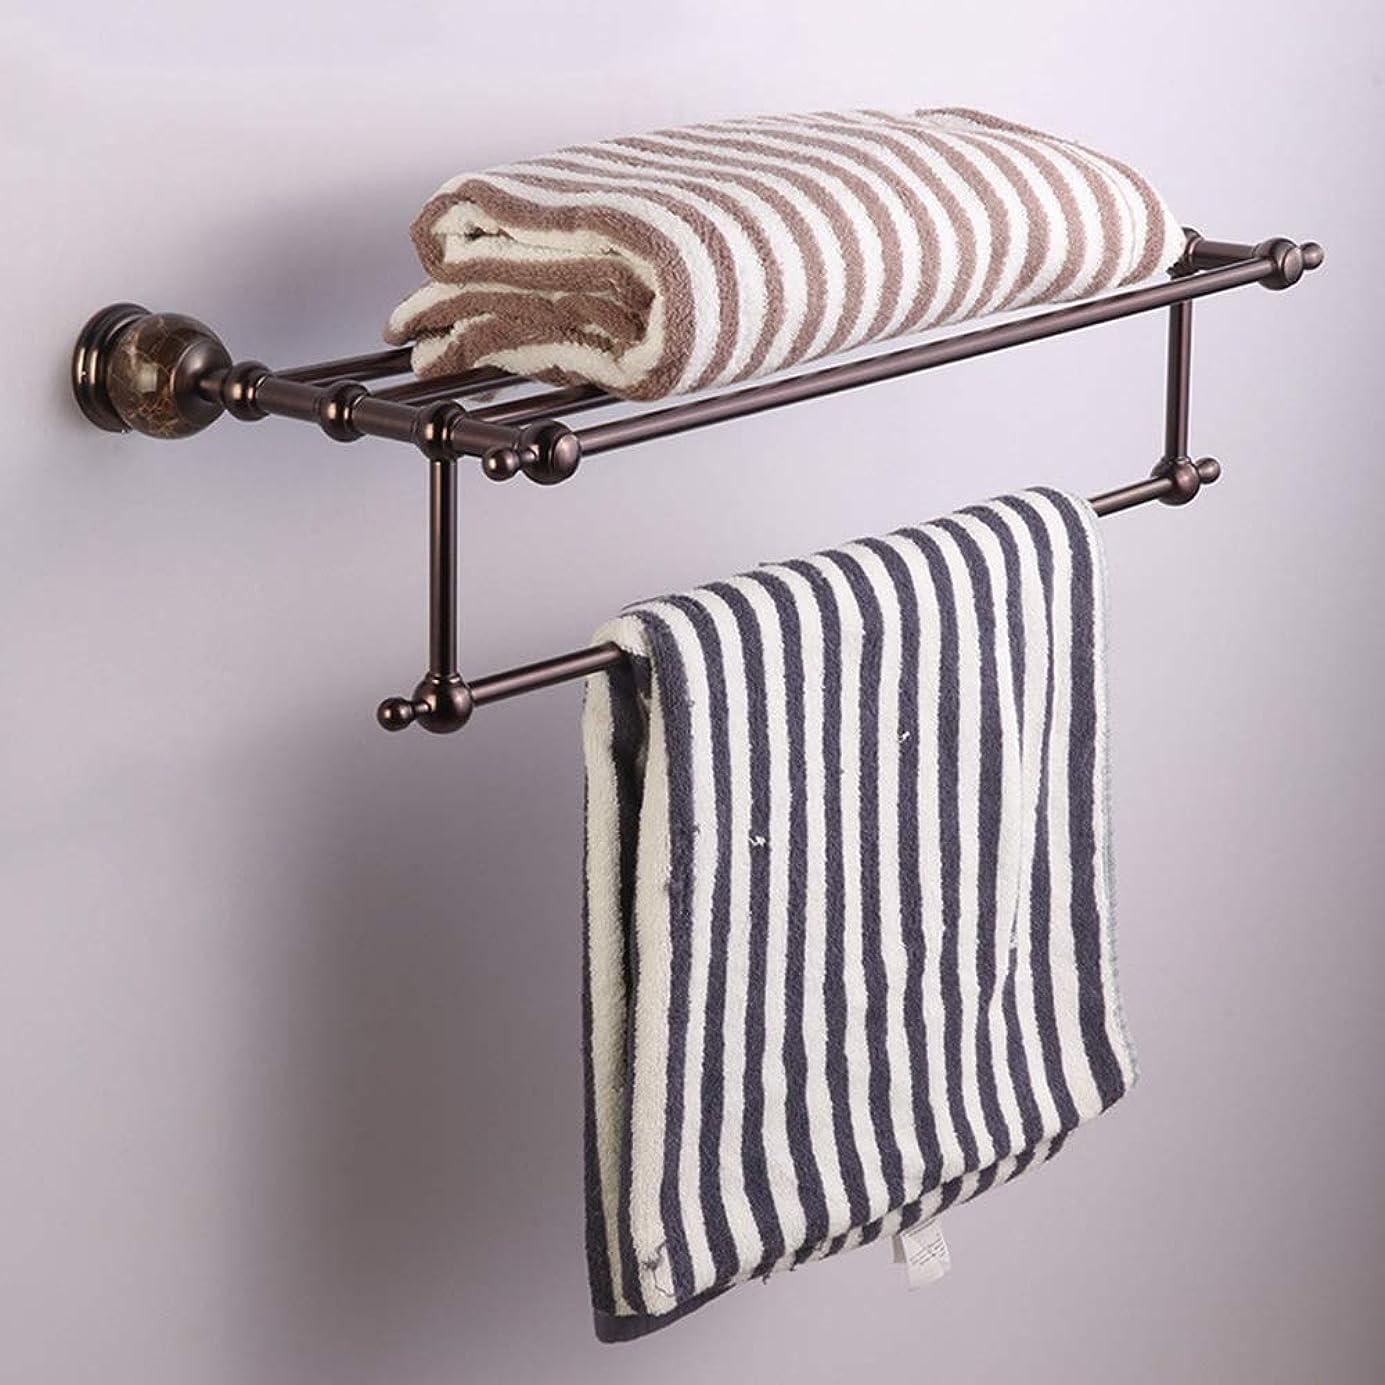 大惨事分注する怖がって死ぬHYH ヨーロッパのレトロ銅タオルラックホテル浴室浴室ダブルタオルバー浴室ペンダントラック 美しい人生